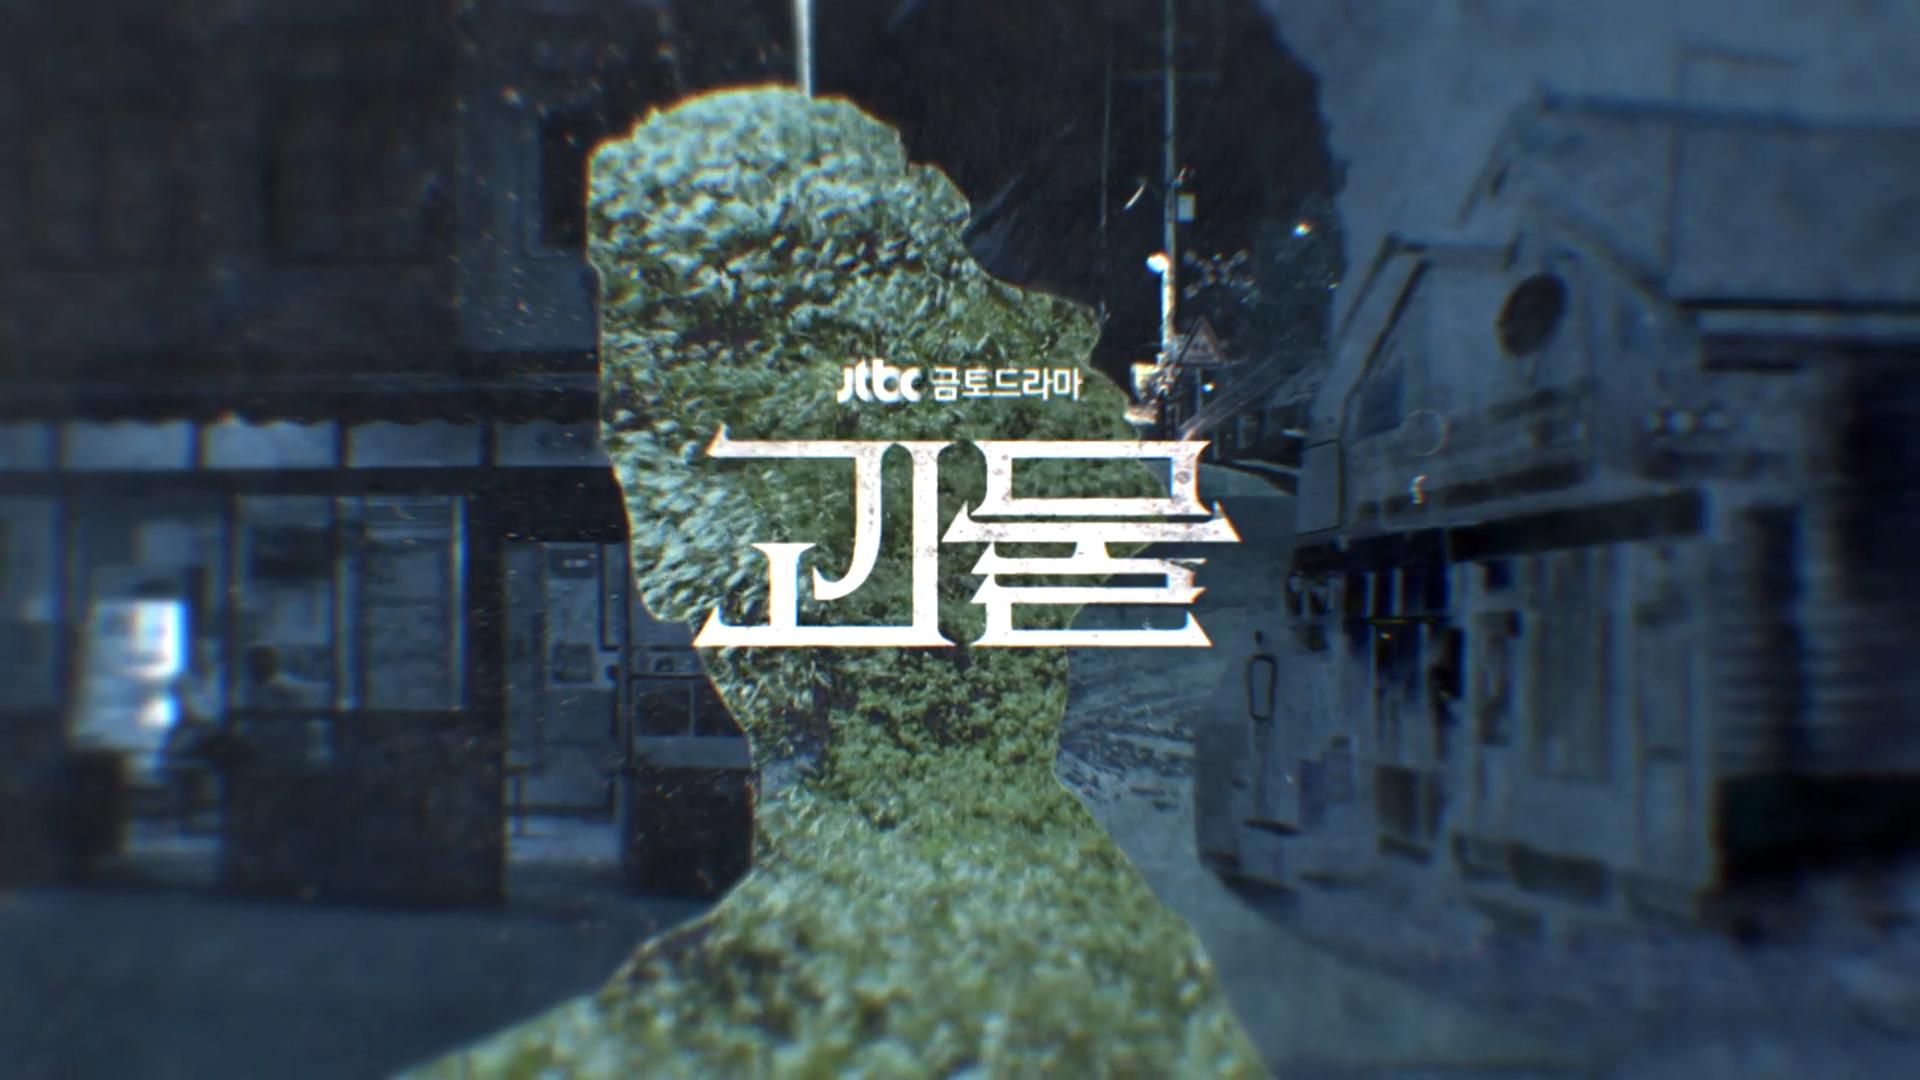 드라마] 재주행은 기본! 완결까지 갓벽한 심리 추적 스릴러, 괴물 (2021)